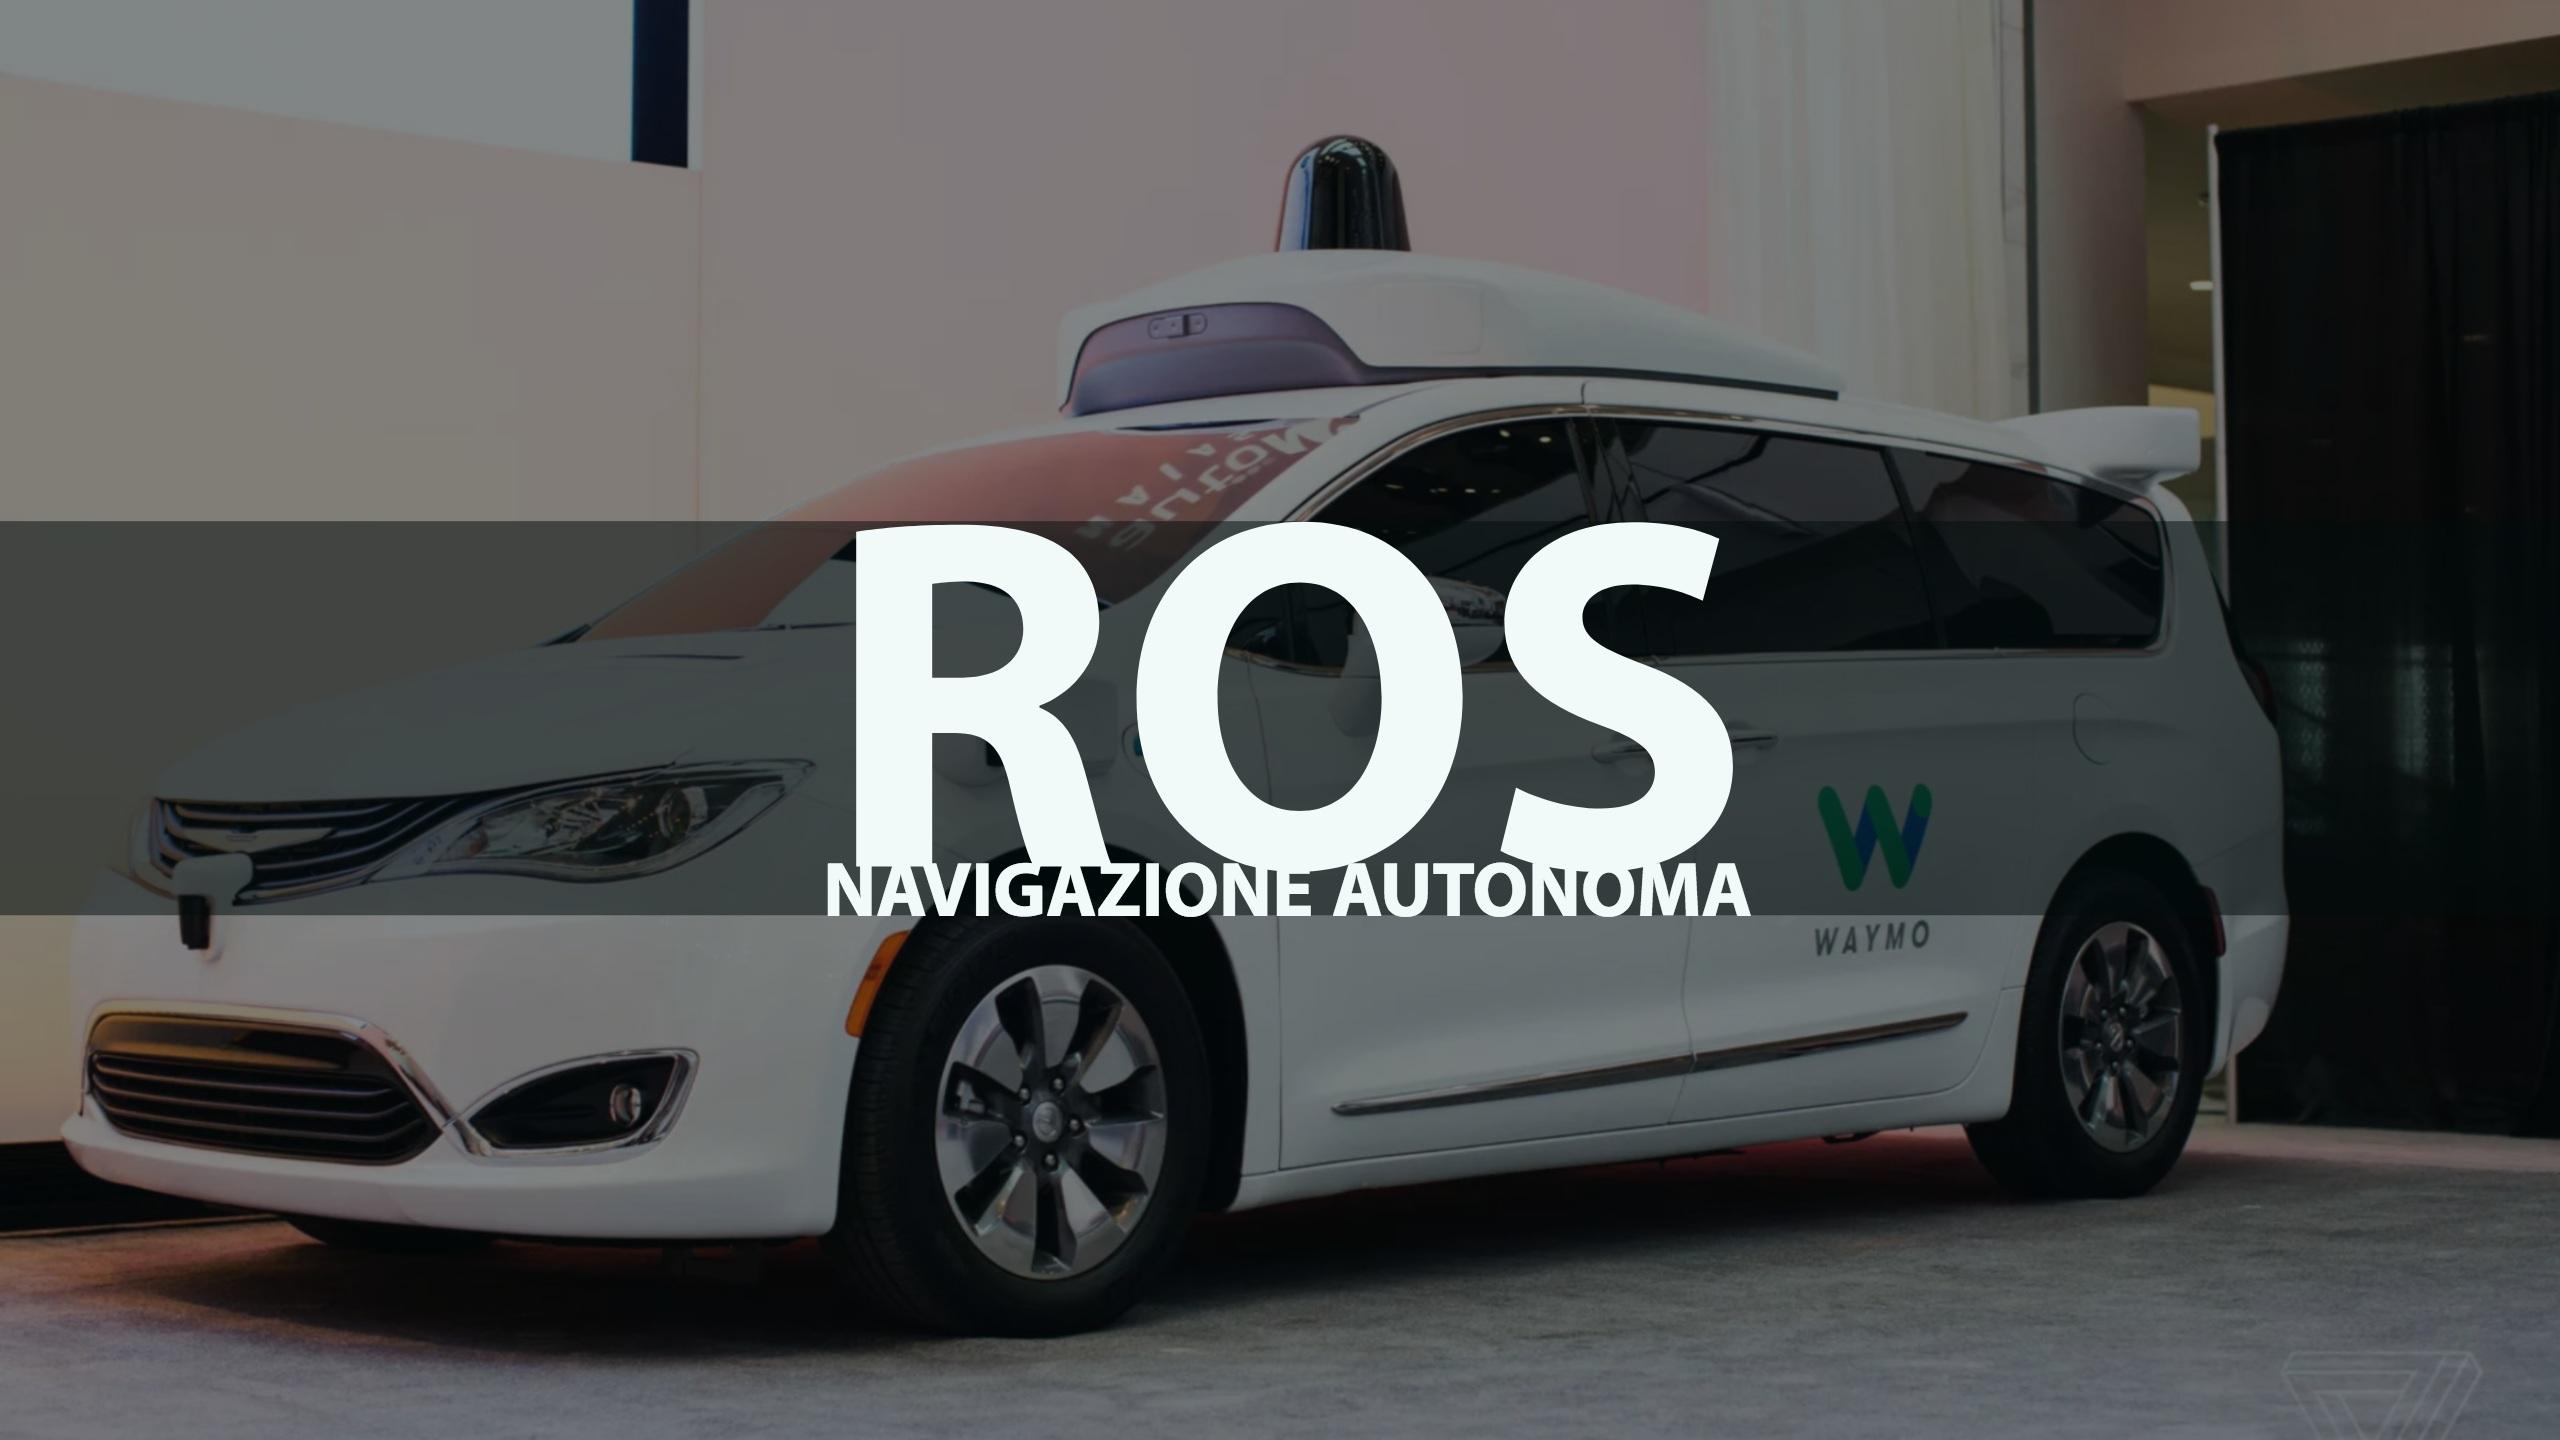 navigazione autonoma